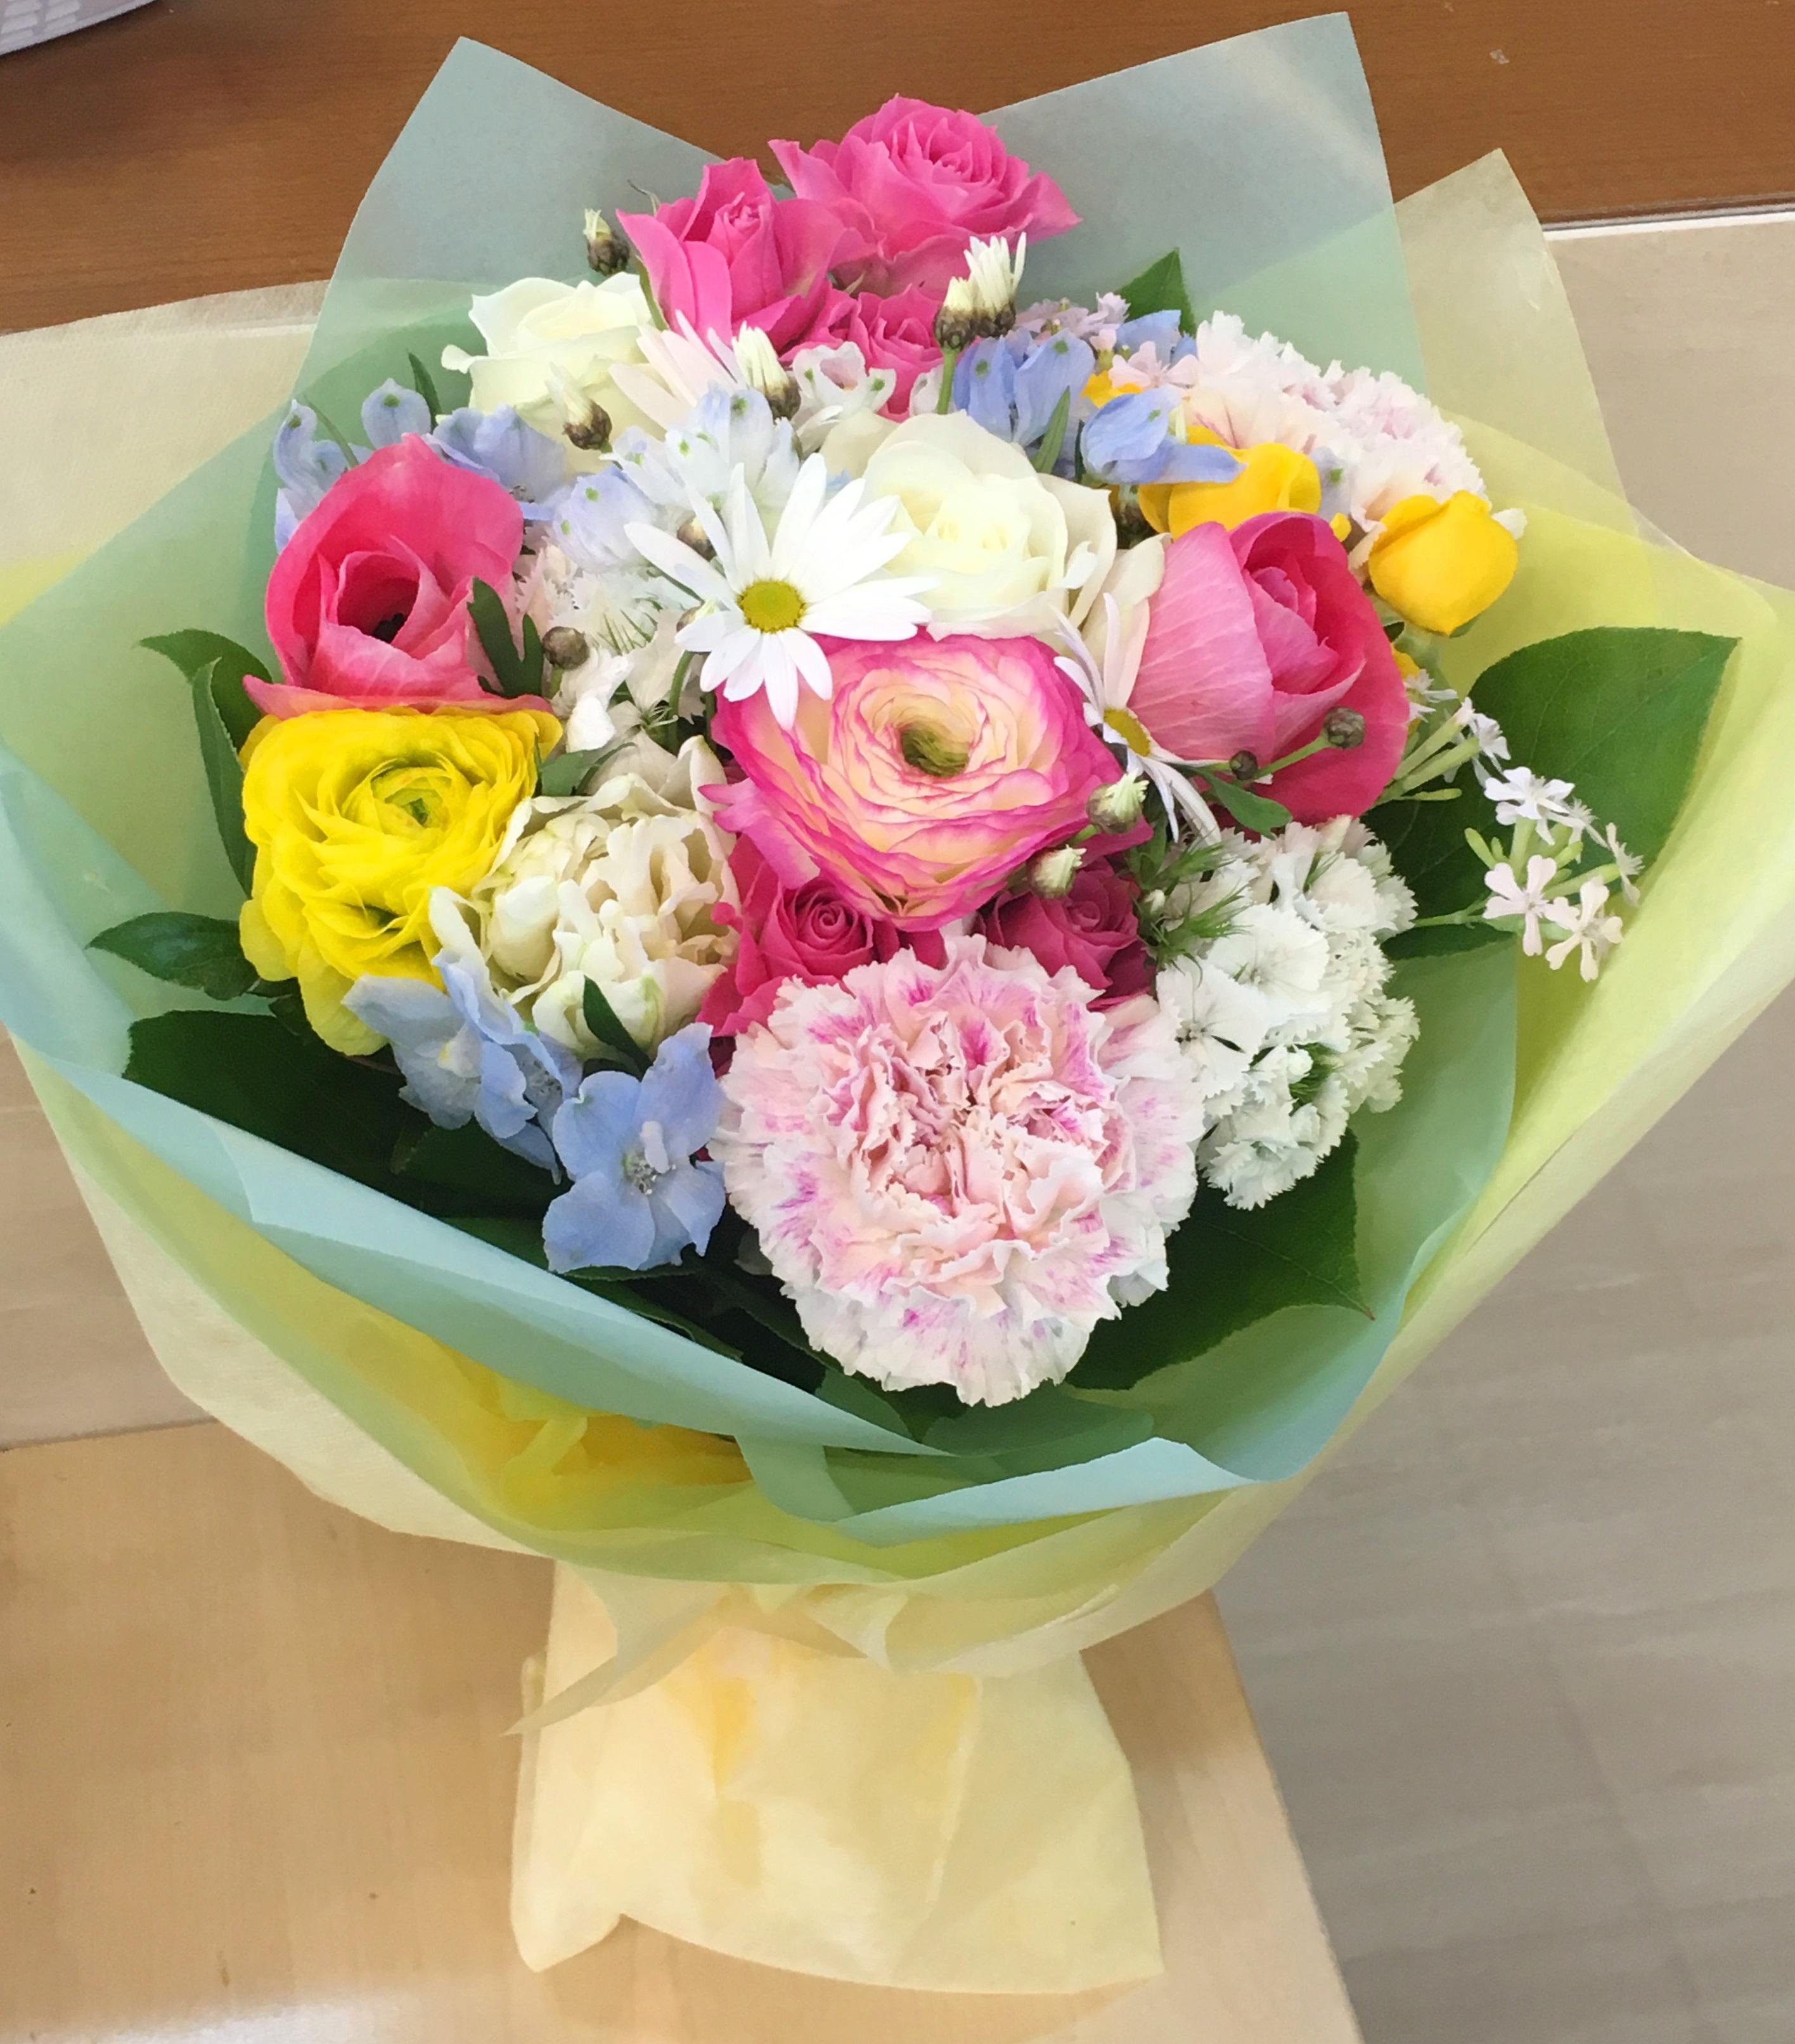 【ナオ花屋の納品事例247】横浜市関内へお供えフラワーアレンジメントを即日当日配達しました!